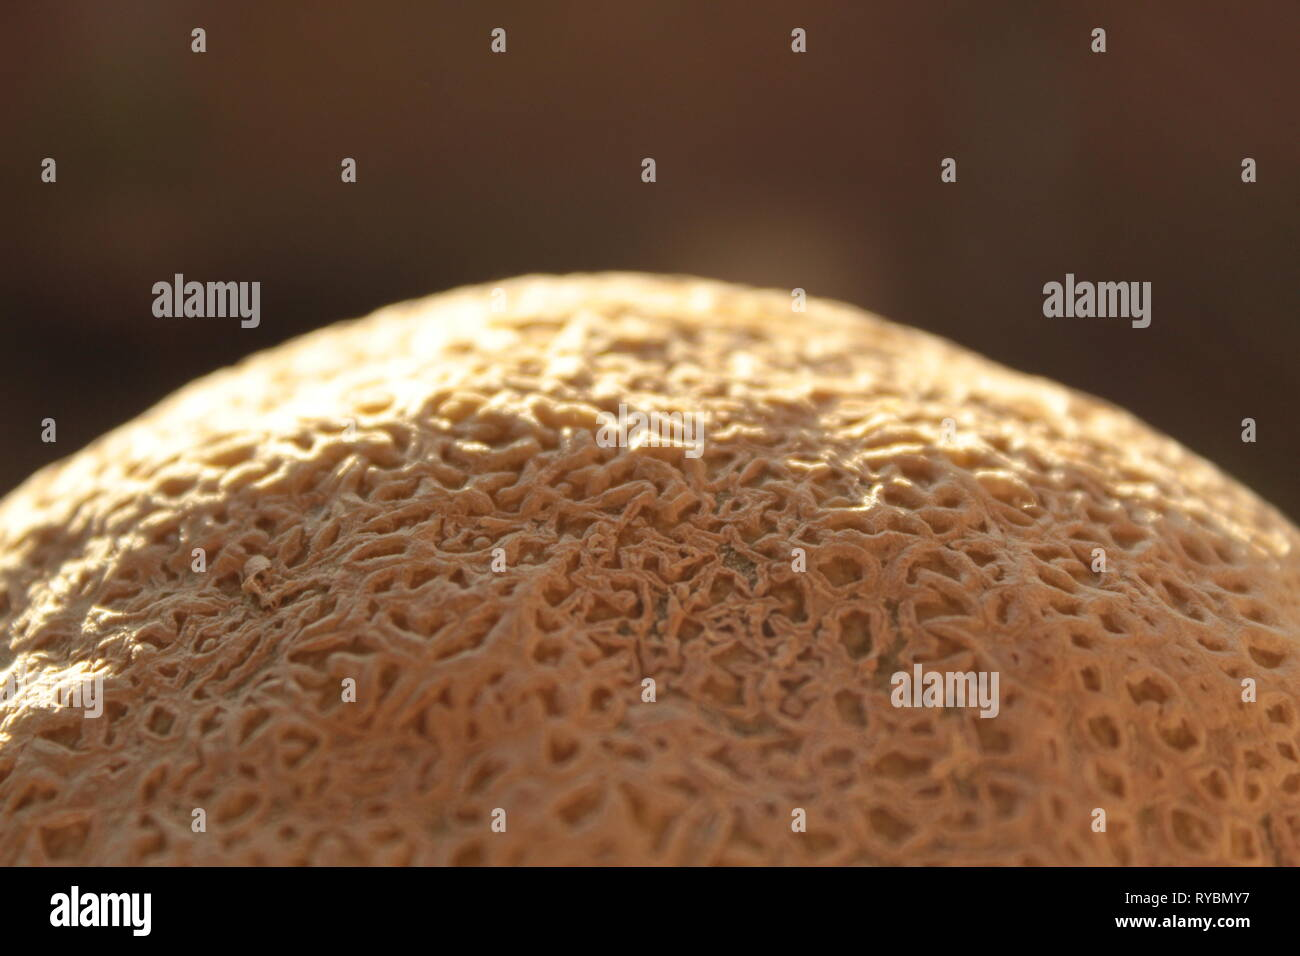 Textura de un melón, foto tomada en mi jardín en Tonala, Jalisco, México utilizando un lente 18-55 mm canon y haciendo un zoom a la cascara - Stock Image